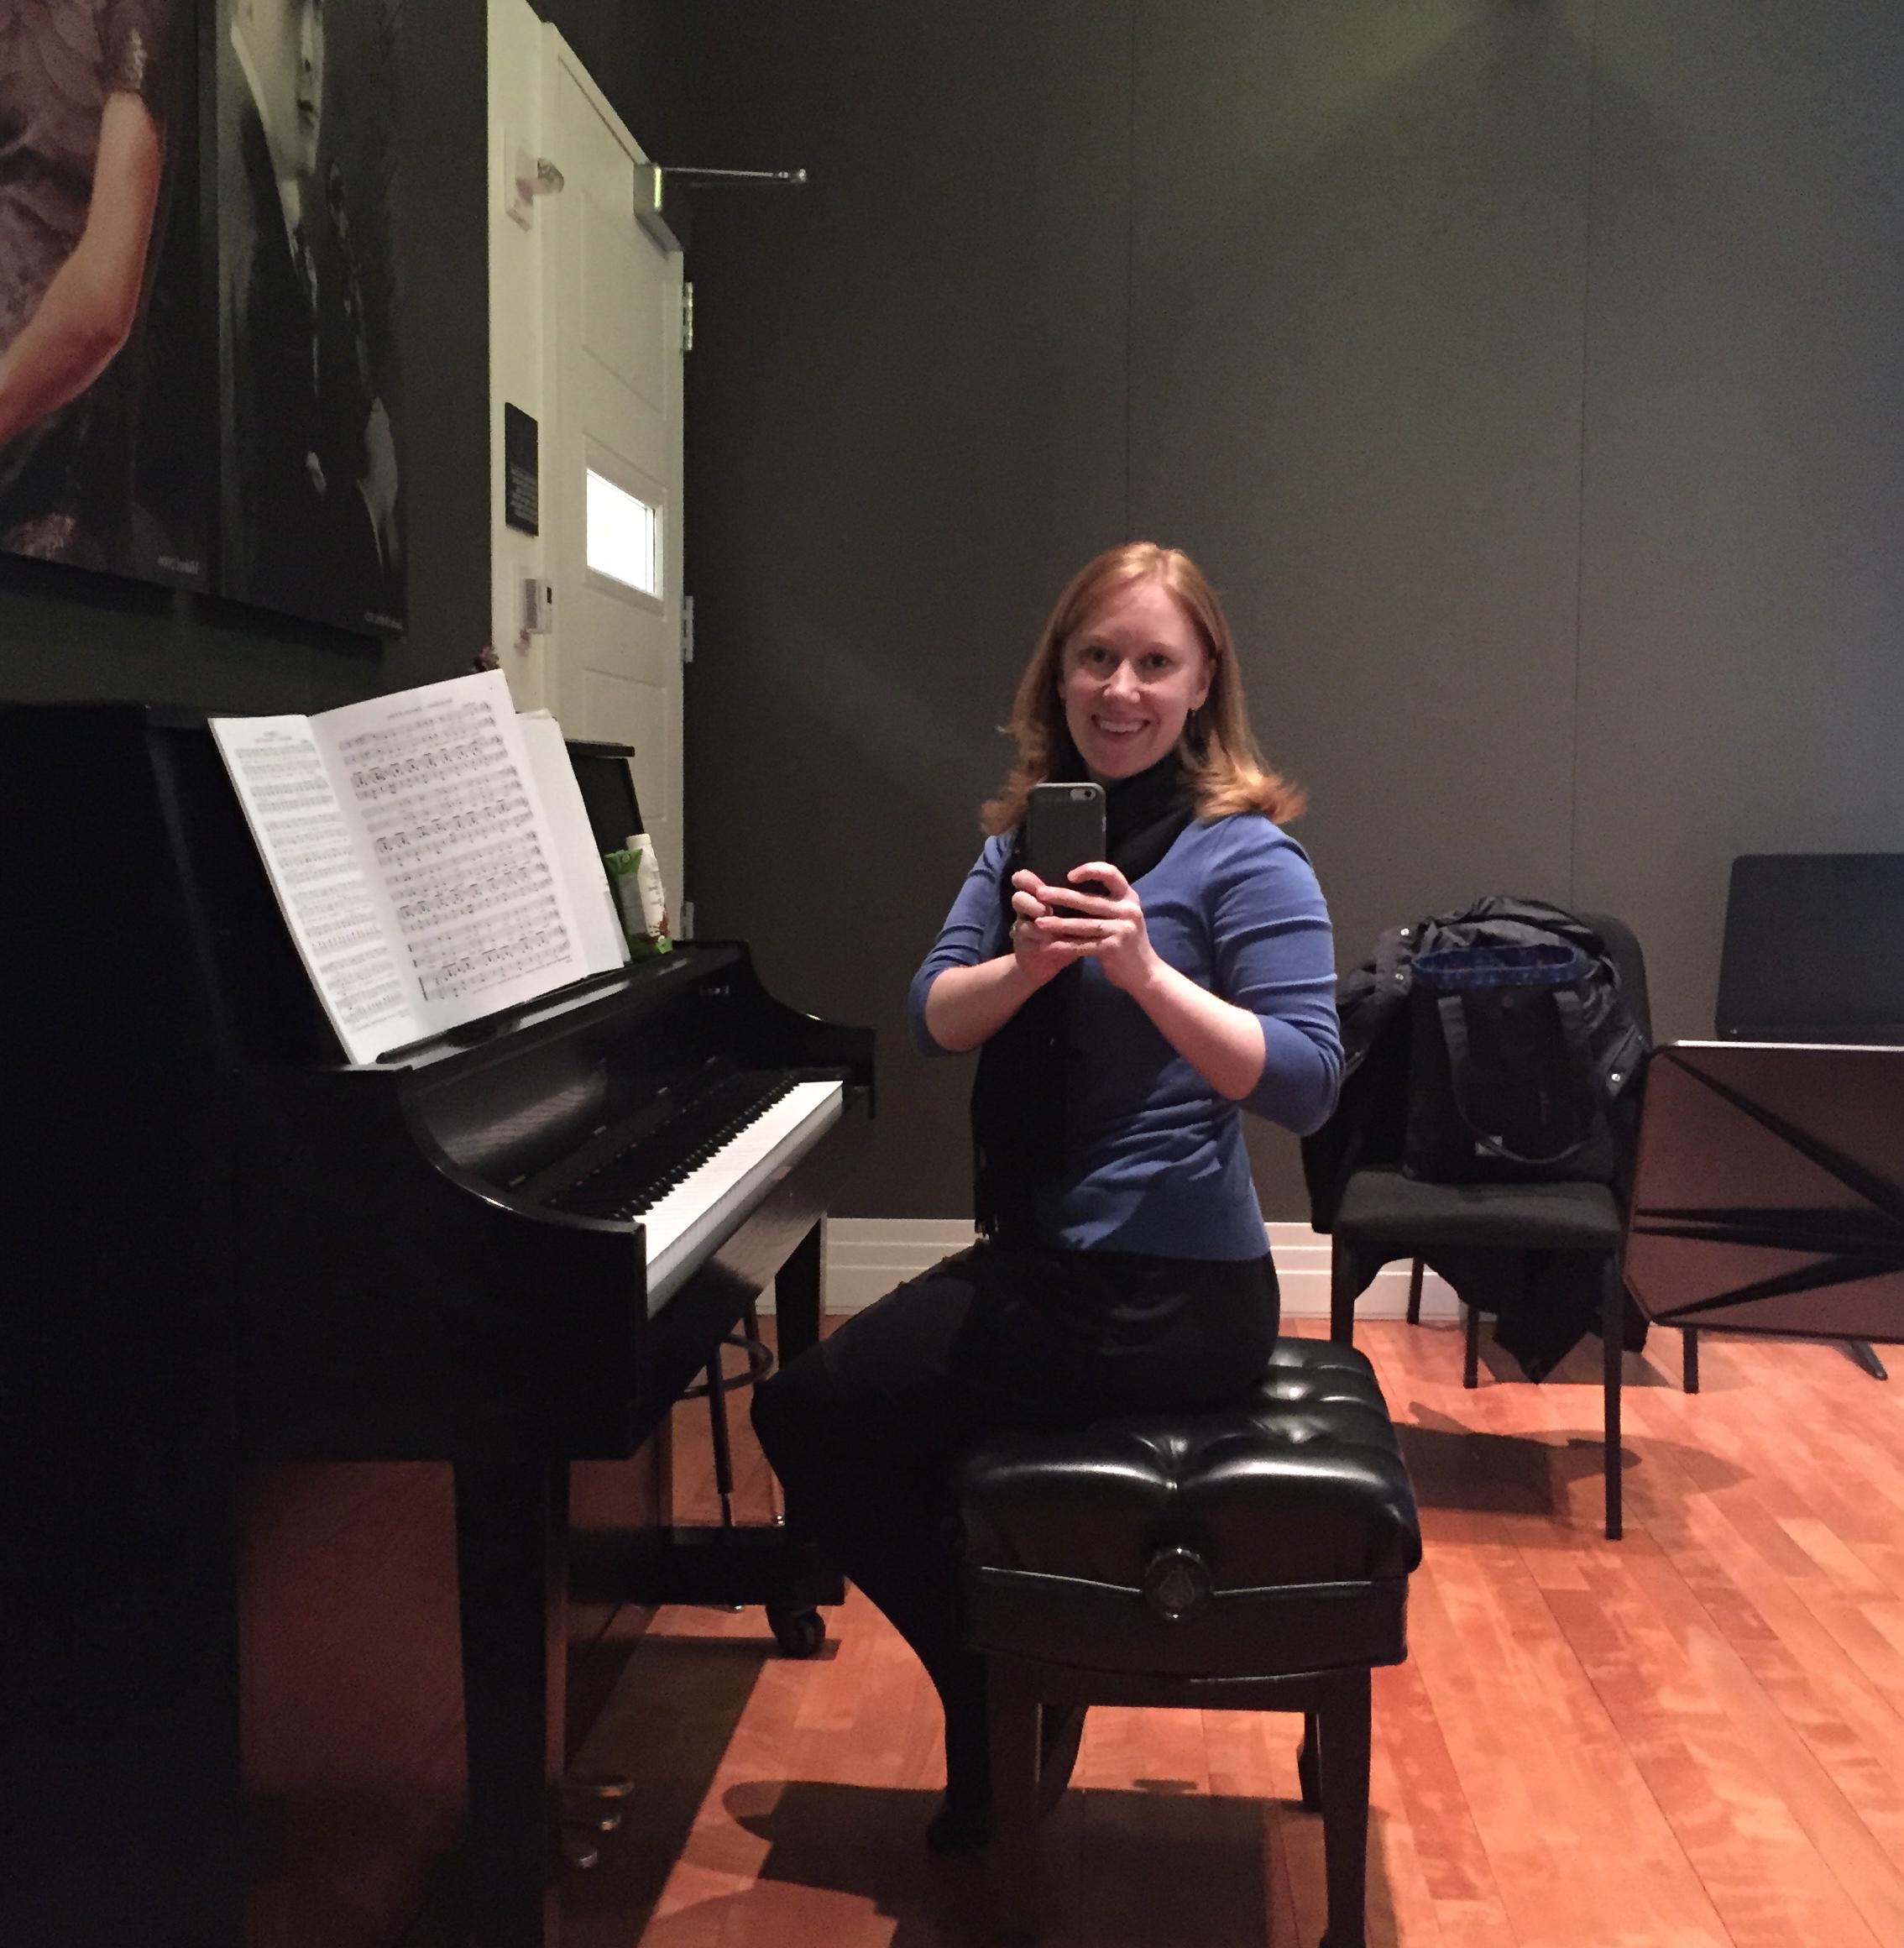 Carnegie Hall practice room selfie - 2015